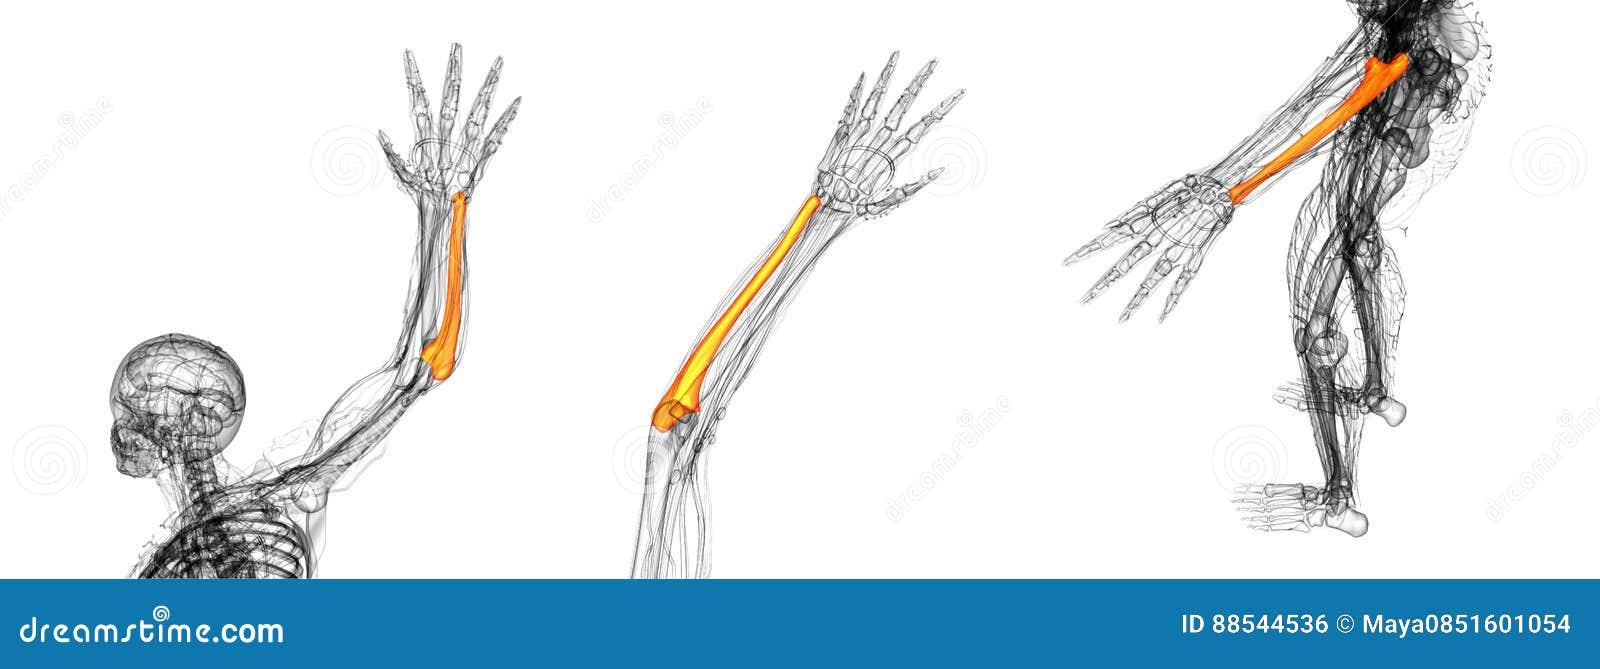 Hueso del cúbito stock de ilustración. Ilustración de esqueleto ...